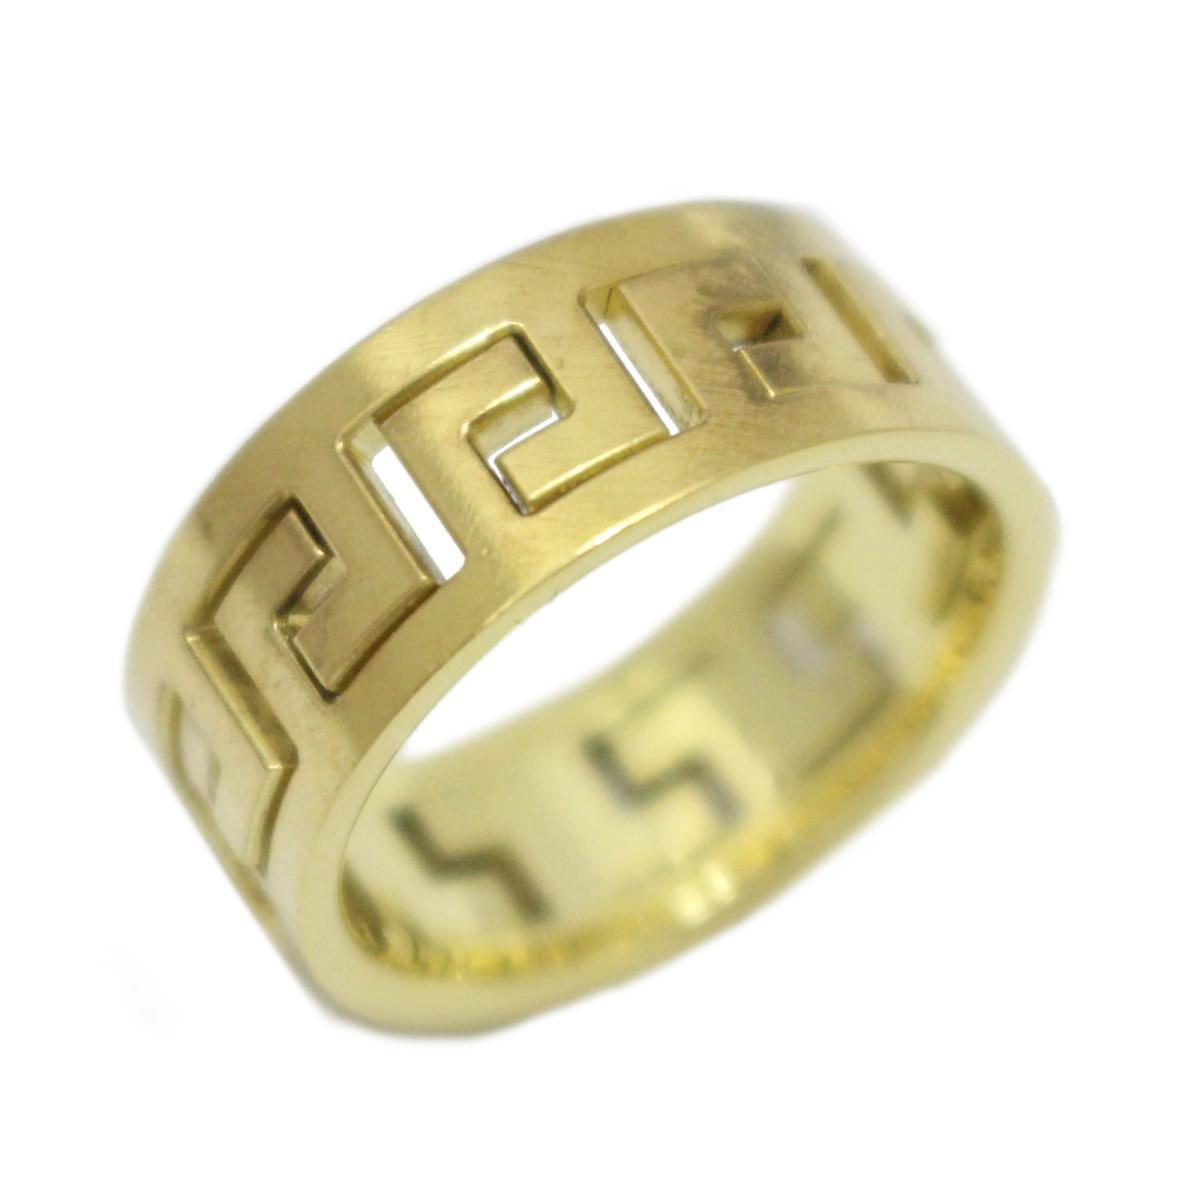 ジュエリー リング 指輪 ノーブランドジュエリー メンズ レディース K18YG (750) イエローゴールド 【中古】 | JEWELRY BRANDOFF ブランドオフ アクセサリー